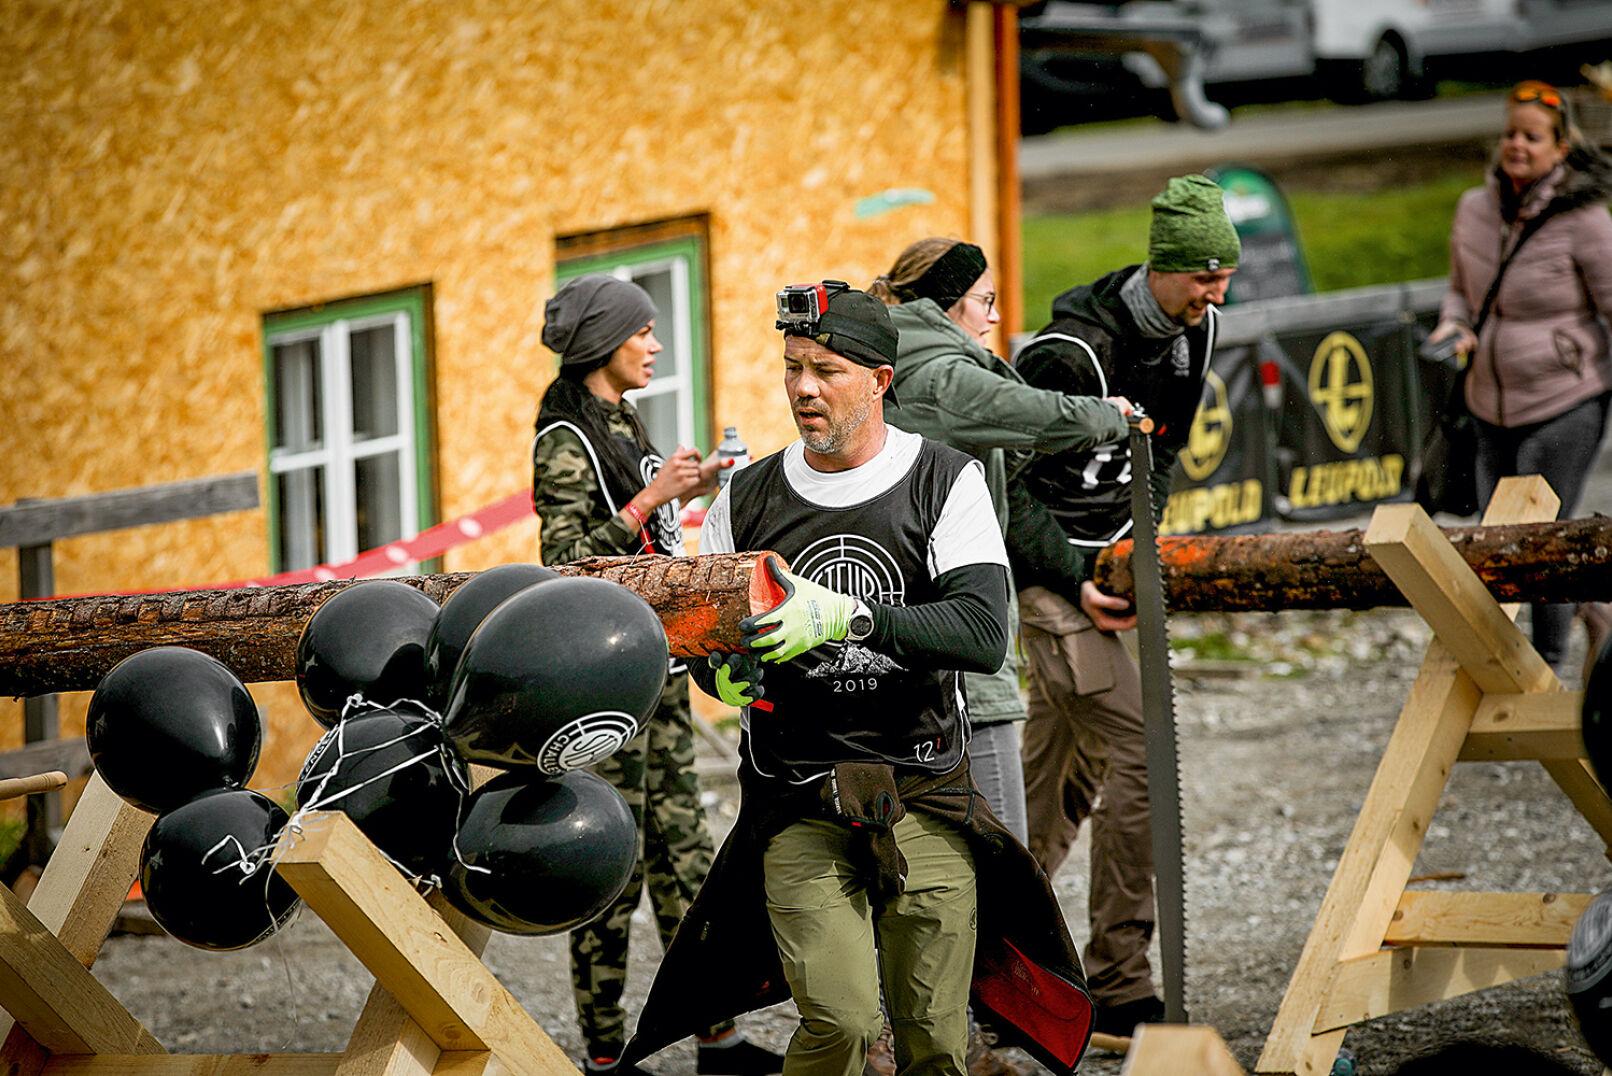 Alle Kräfte noch einmal mobilisieren und dann nur noch ins Ziel!  - © Peter Rigaud